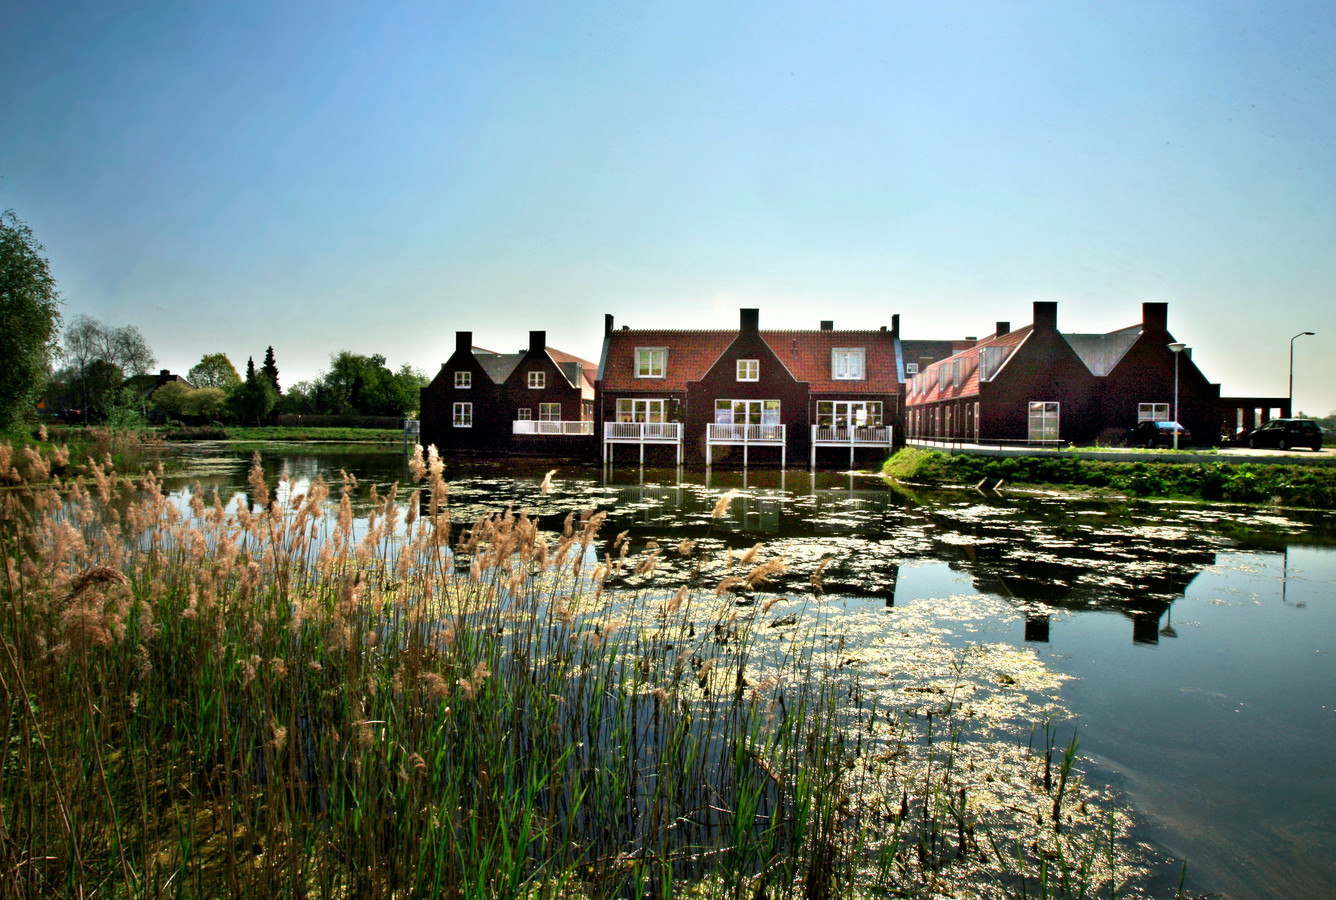 De woningen aan de waterberging van De Beekse Akkers in Beek en Donk.